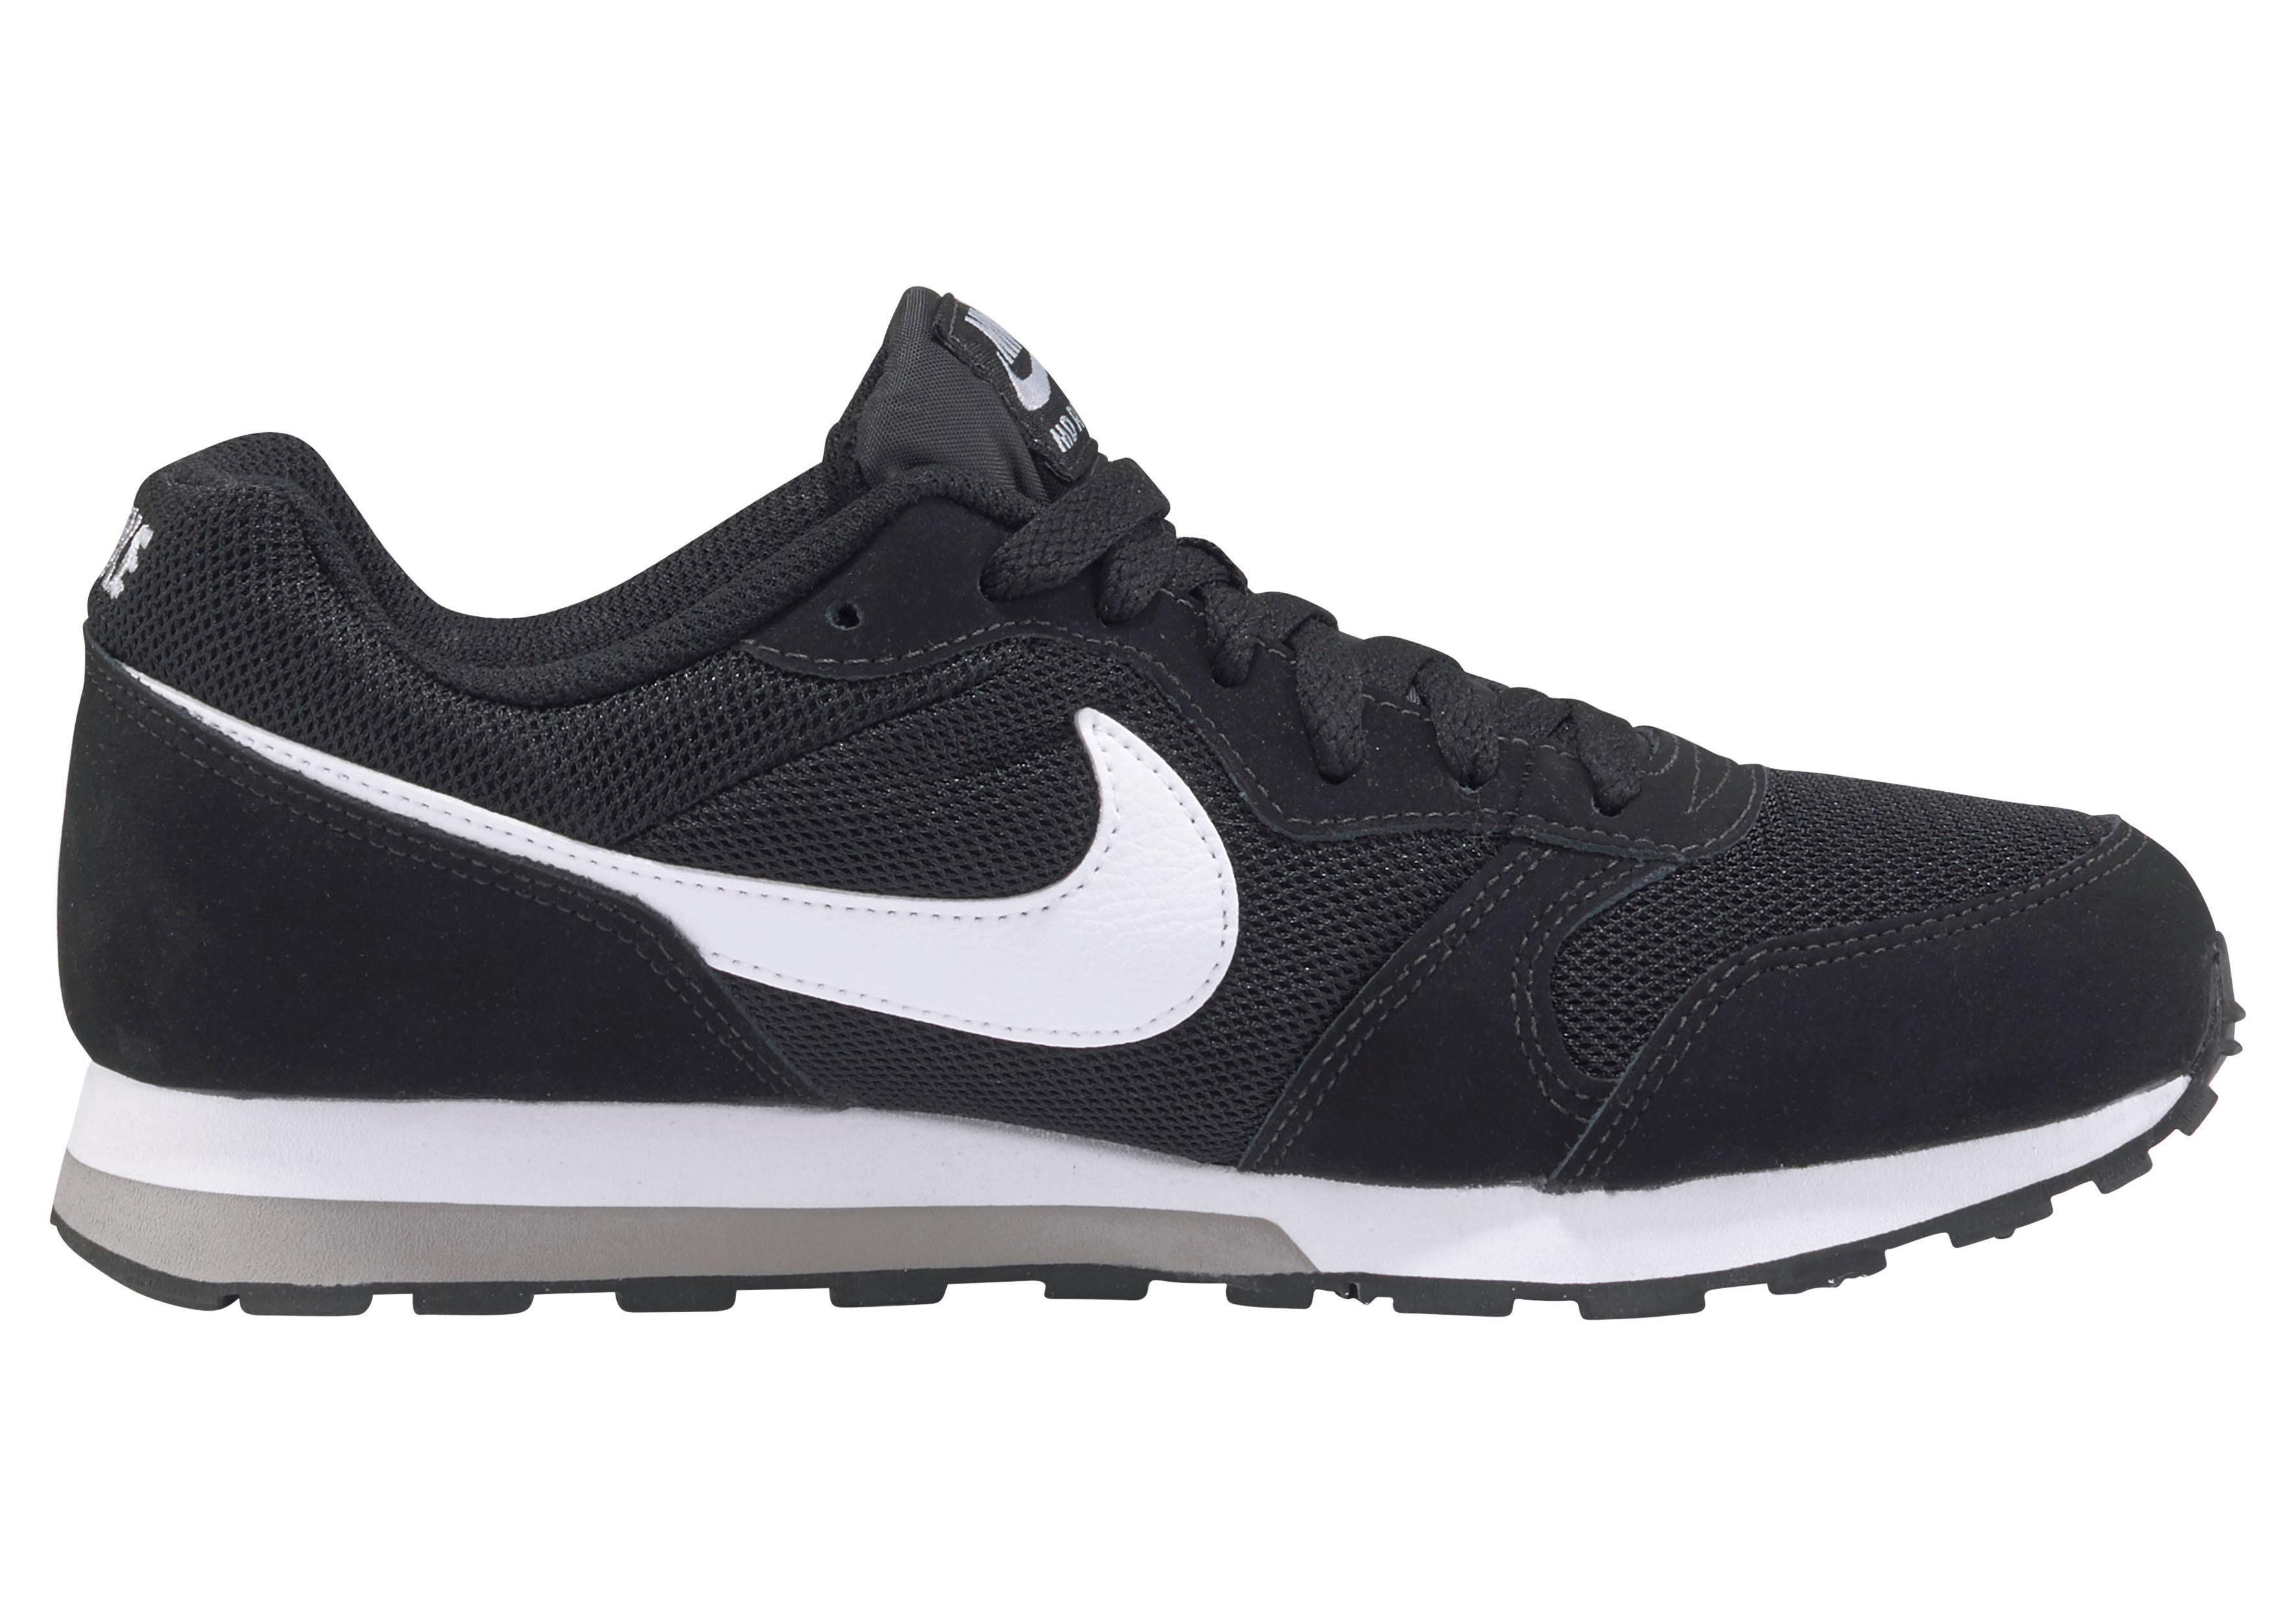 Nike - Coureur Md 2yrs Formateurs - Unisexe - Chaussures De Sport - Noir - 37,5